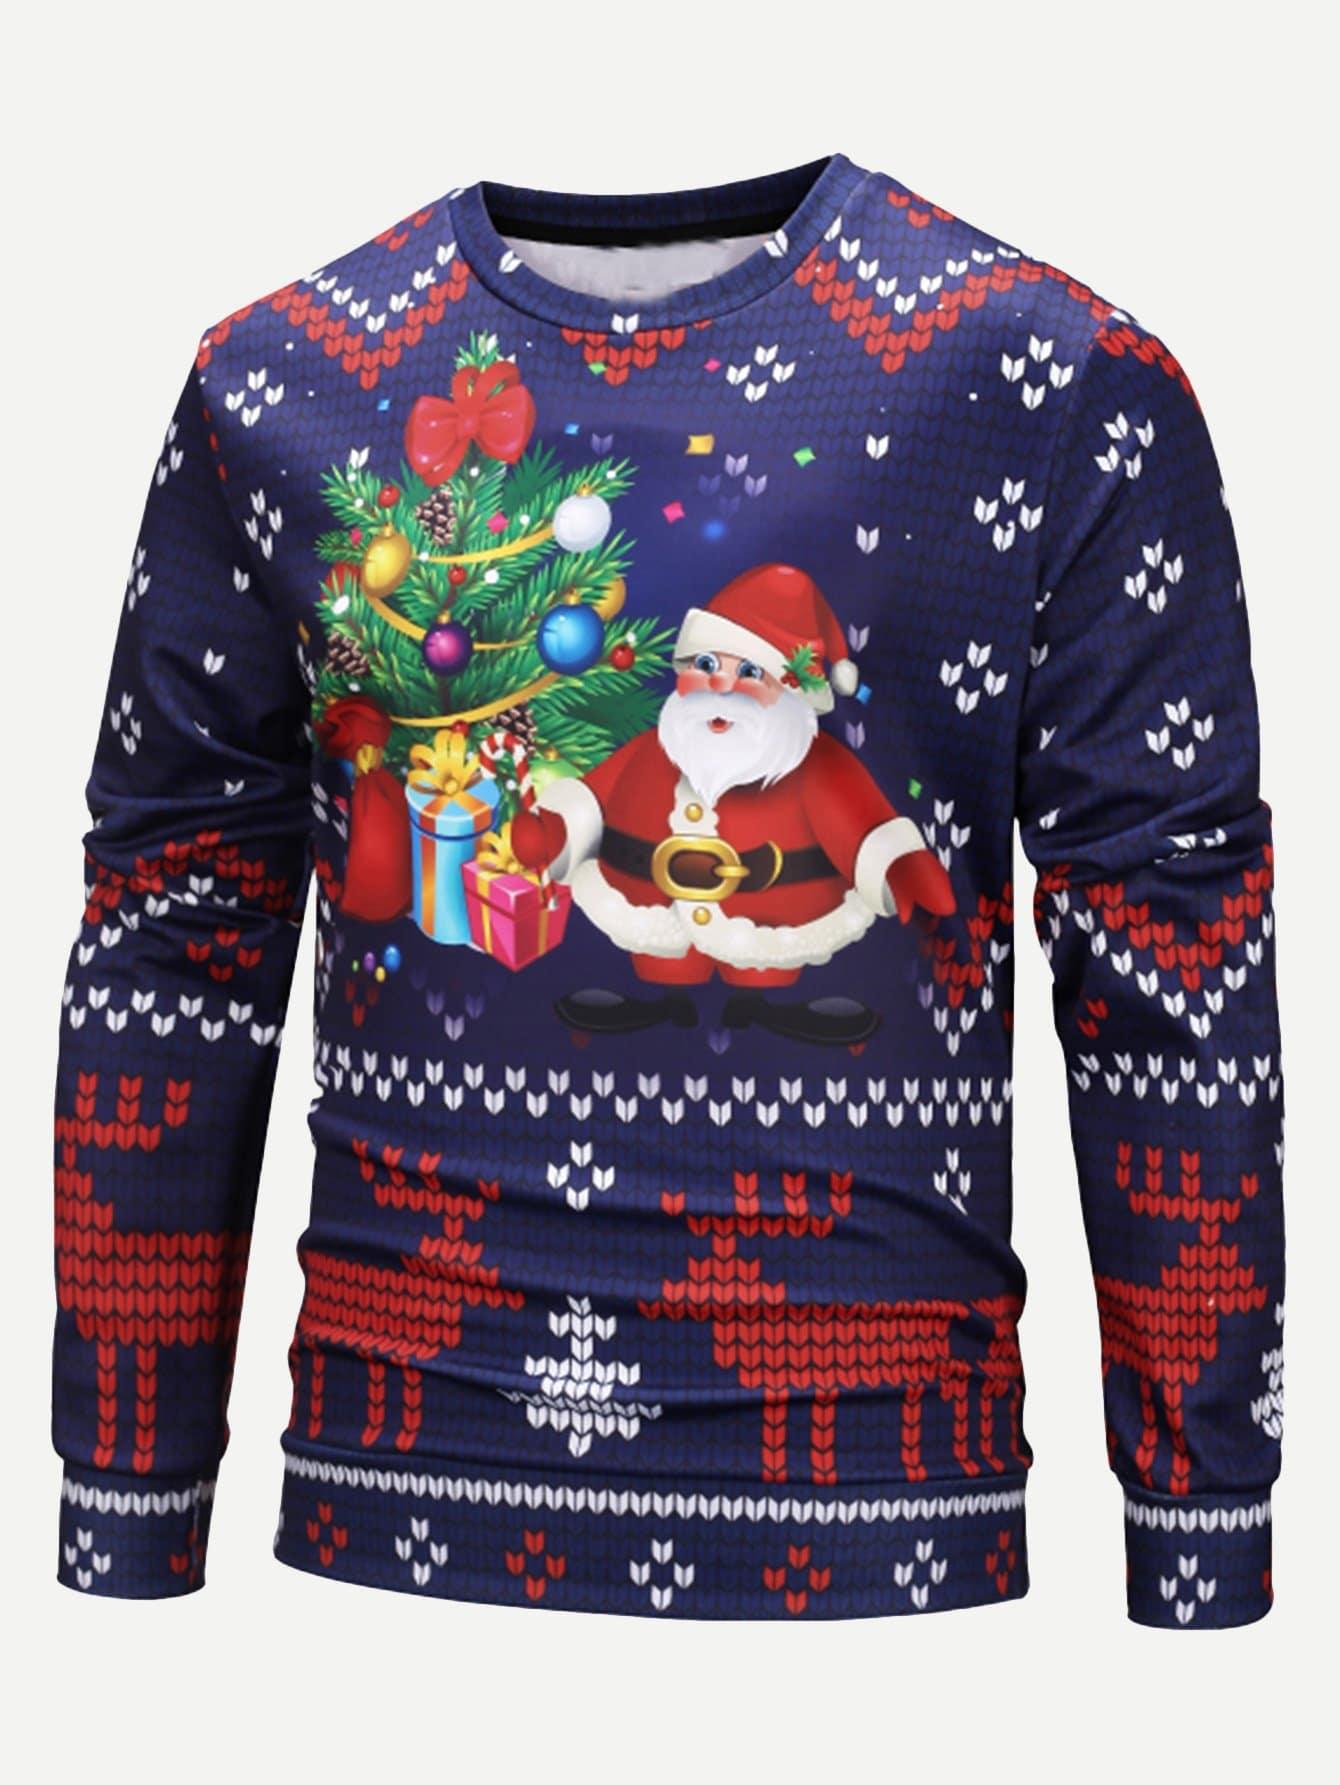 Купить Мужский свитшот с принтом рождественским, null, SheIn